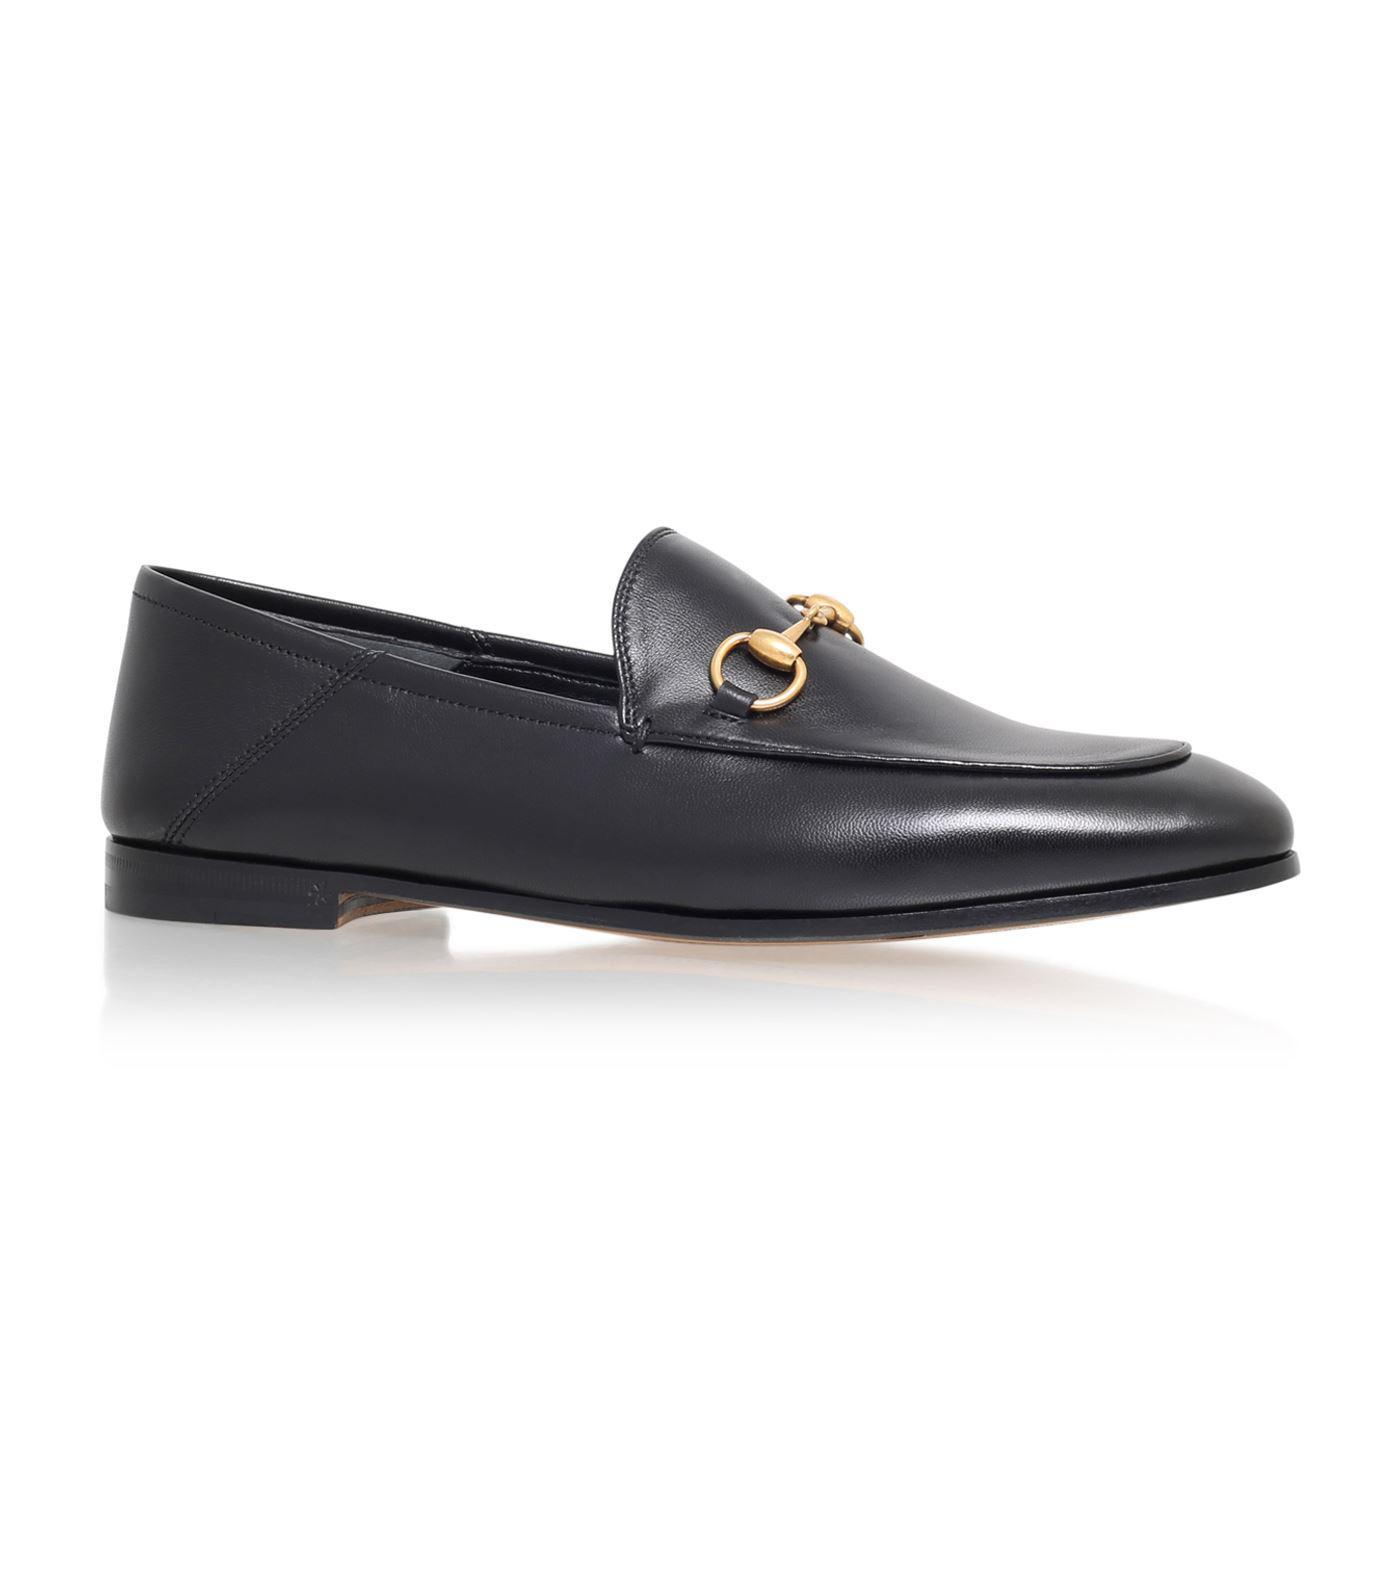 4330eaf13ef Gucci Brixton Horsebit Loafer in Black for Men - Lyst